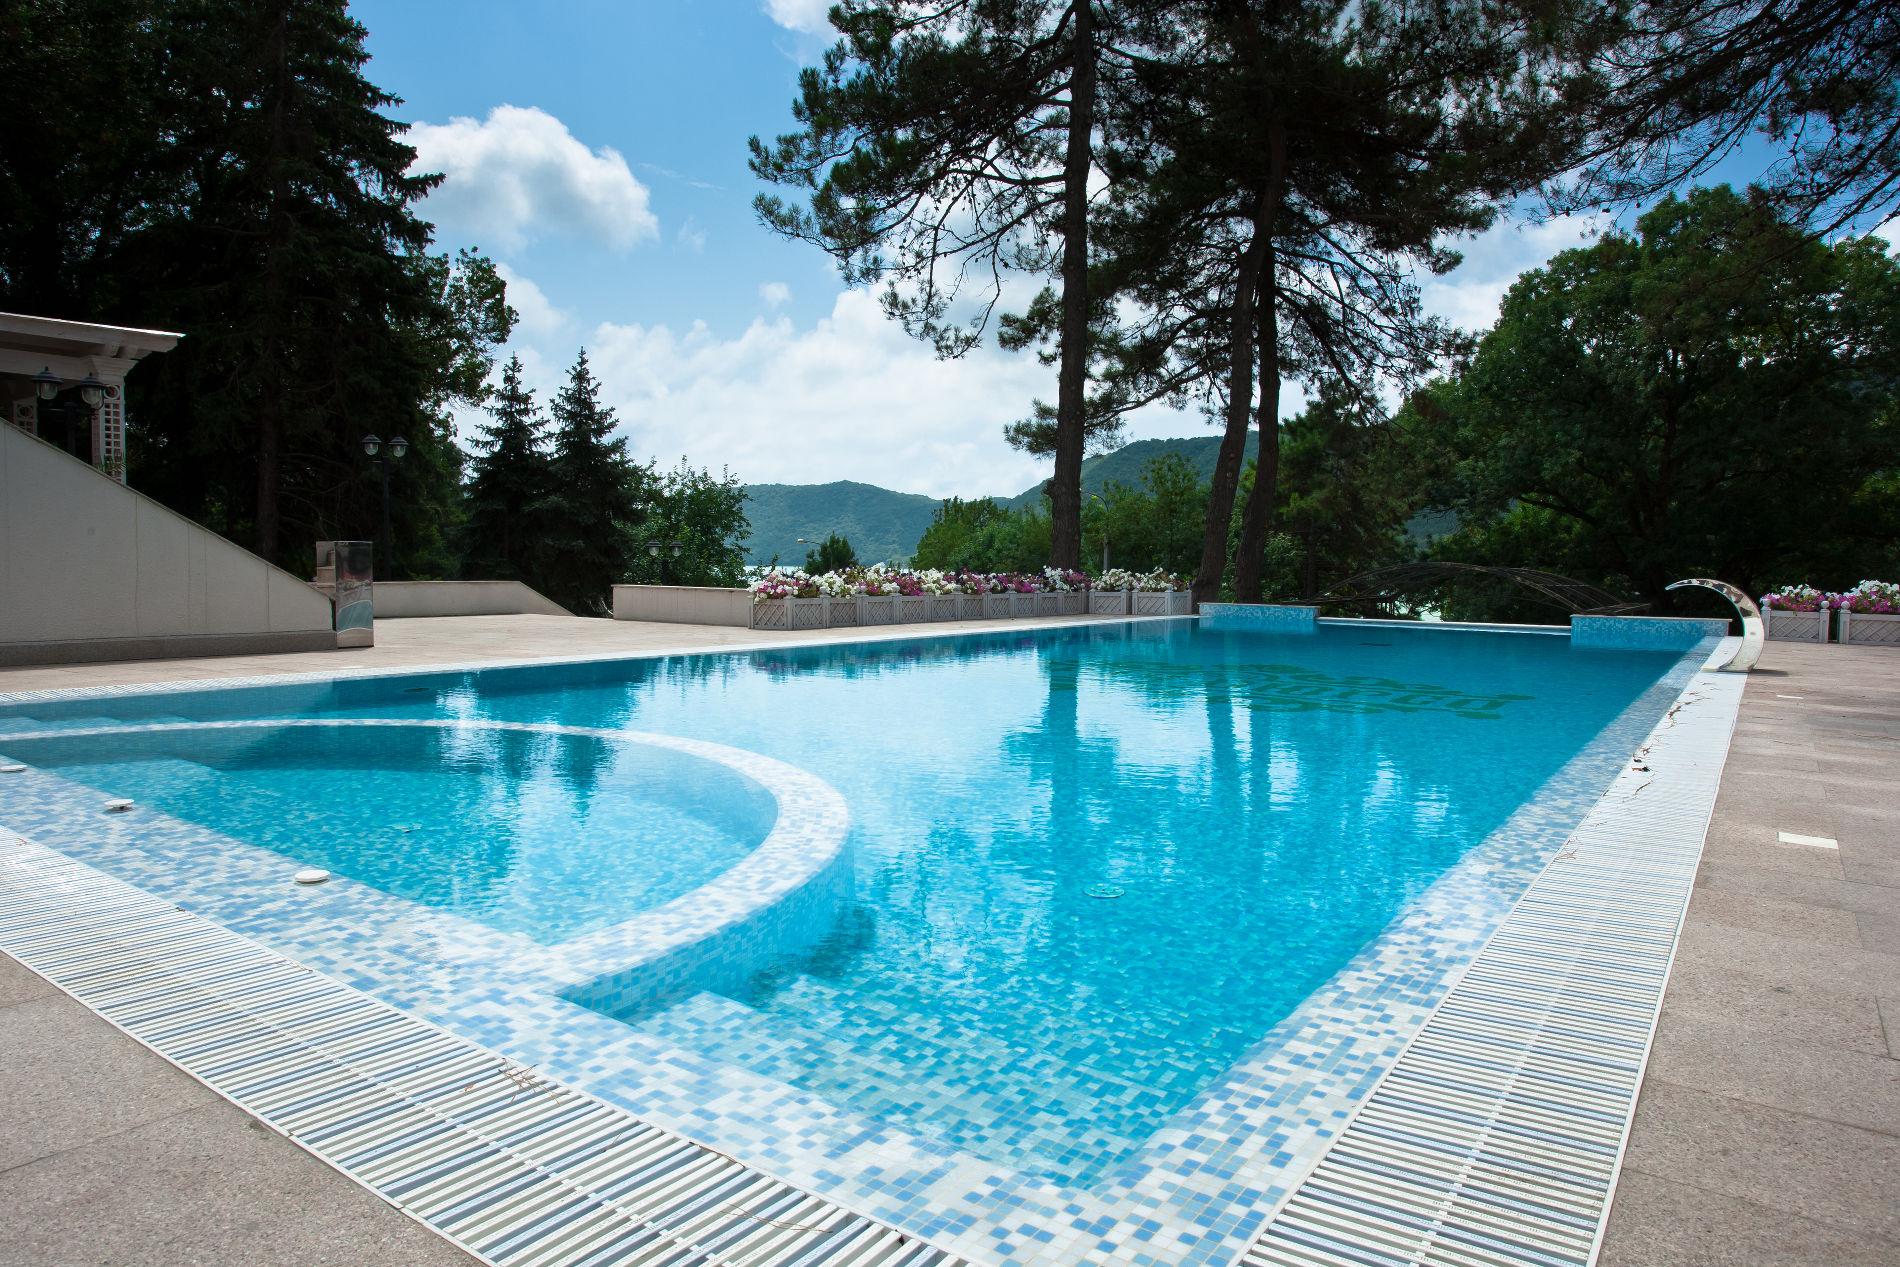 Индивидуальный проект бассейна в отеле «Империал», поселок Абрау-Дюрсо